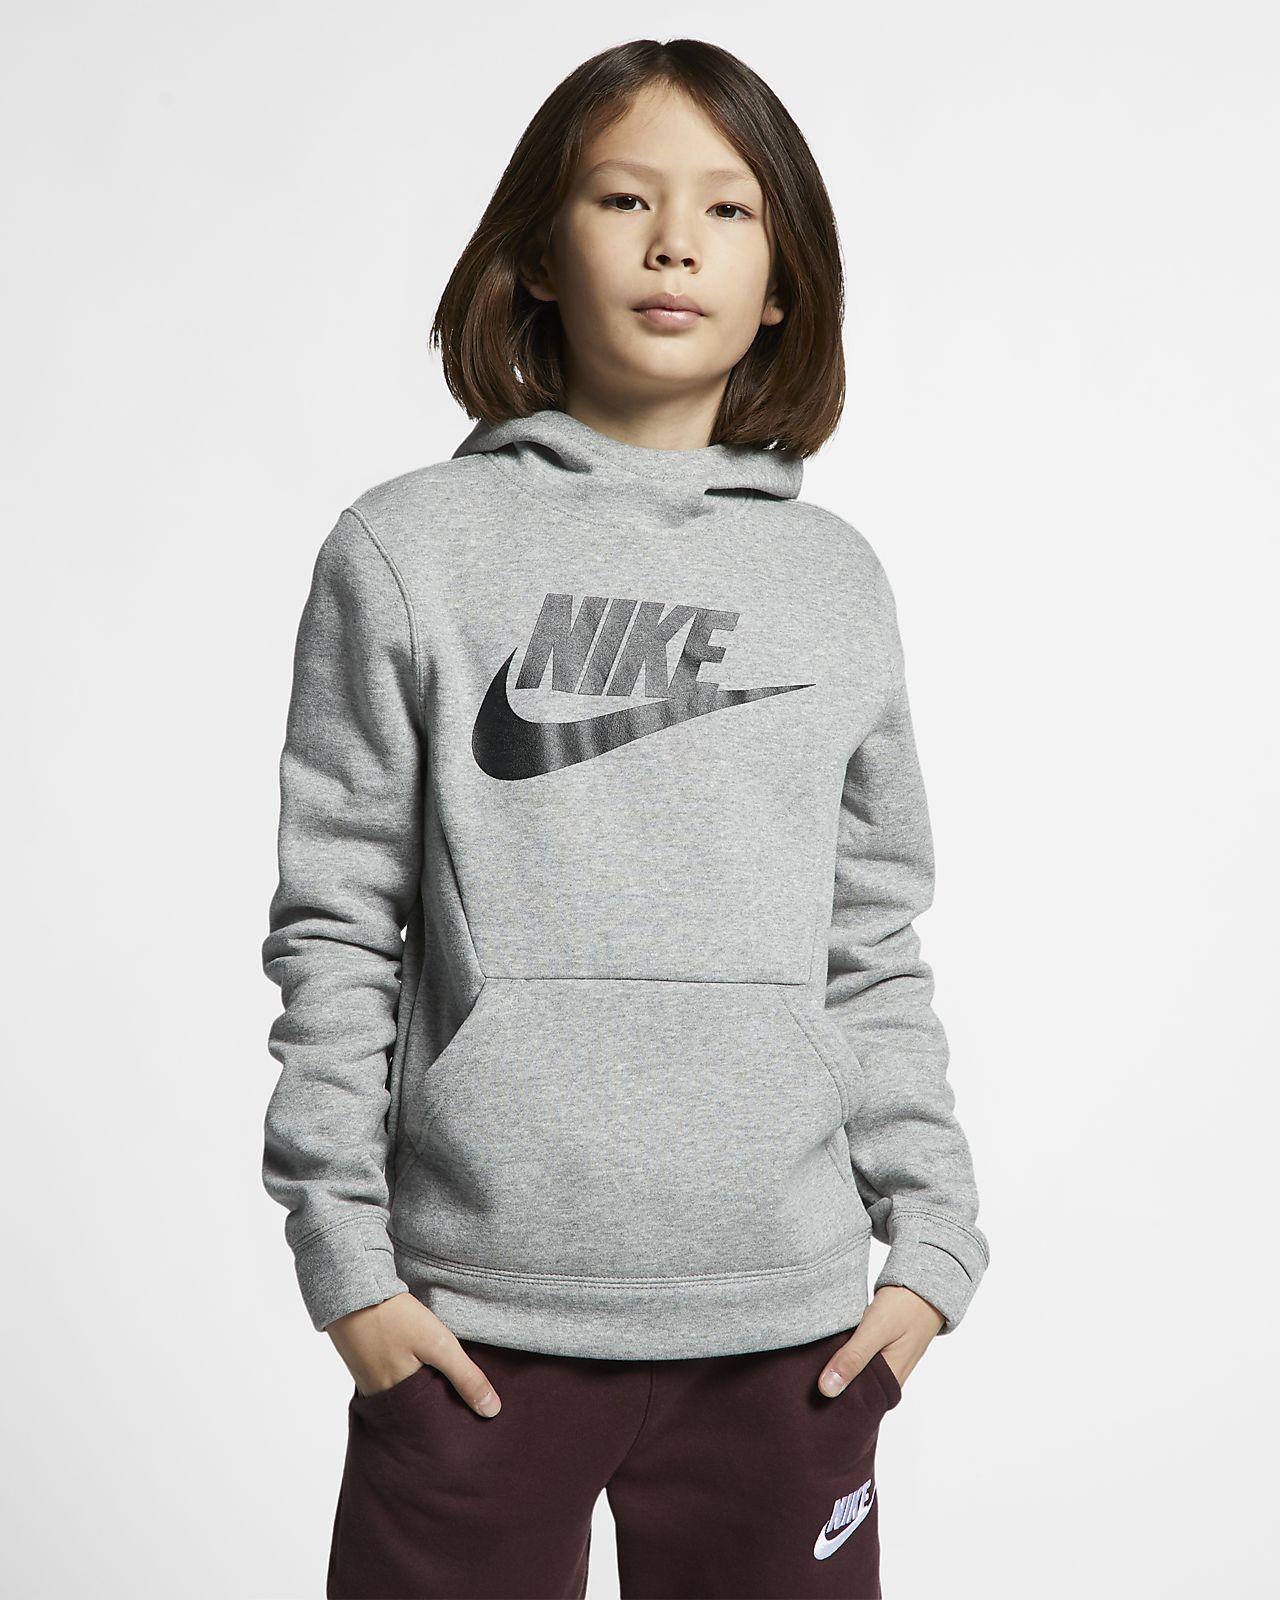 Nike Sportswear Yünlü Genç Çocuk Kapüşonlu Sweatshirt'ü